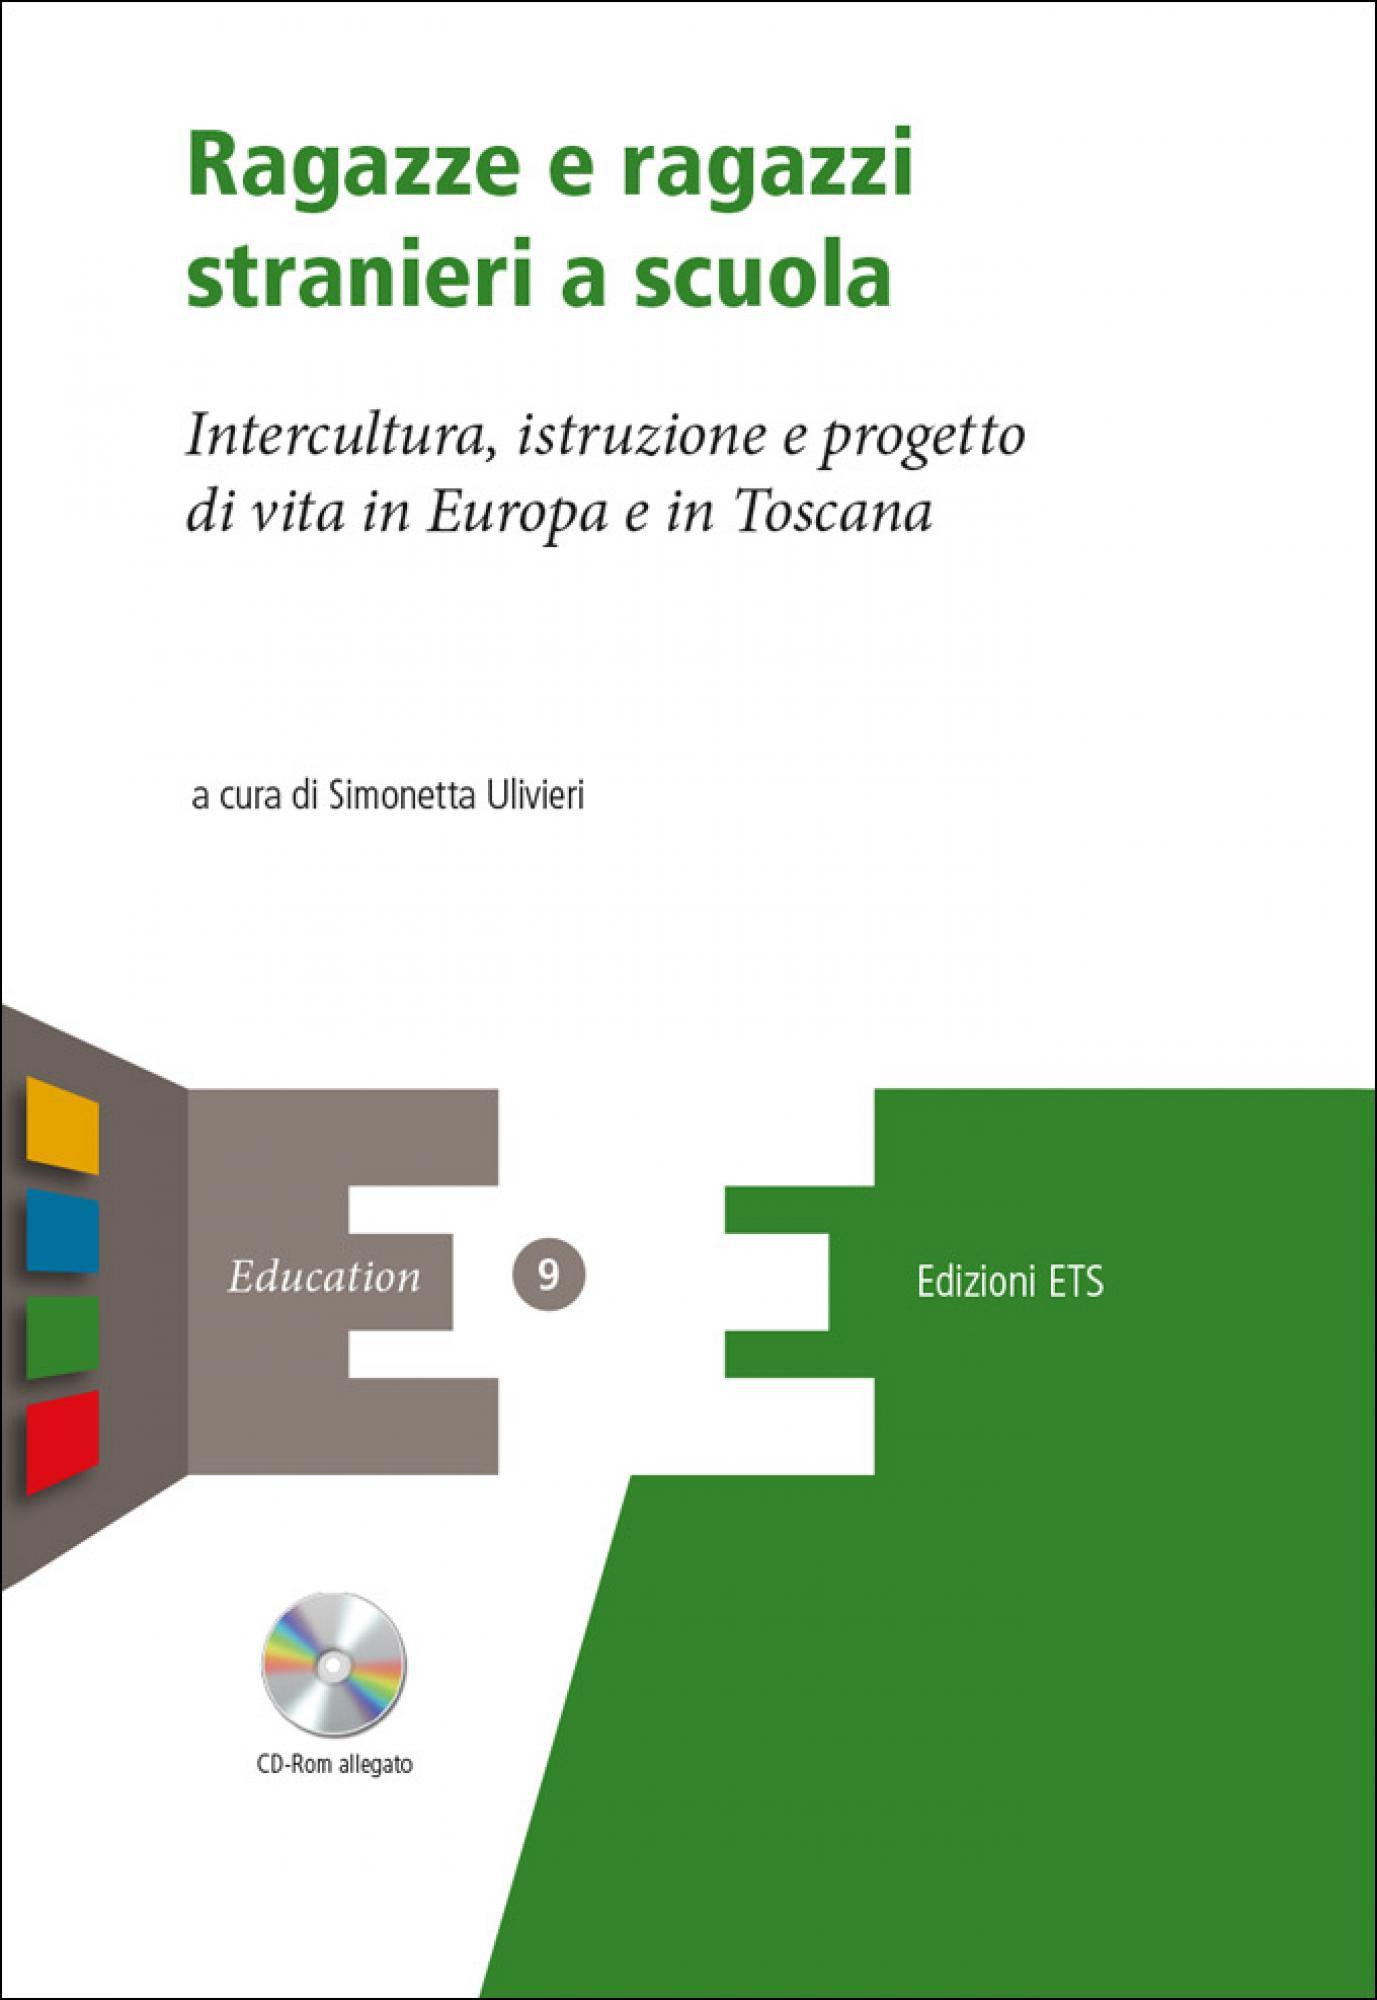 Ragazze e ragazzi stranieri a scuola.Intercultura, istruzione e progetto di vita in Europa e in Toscana